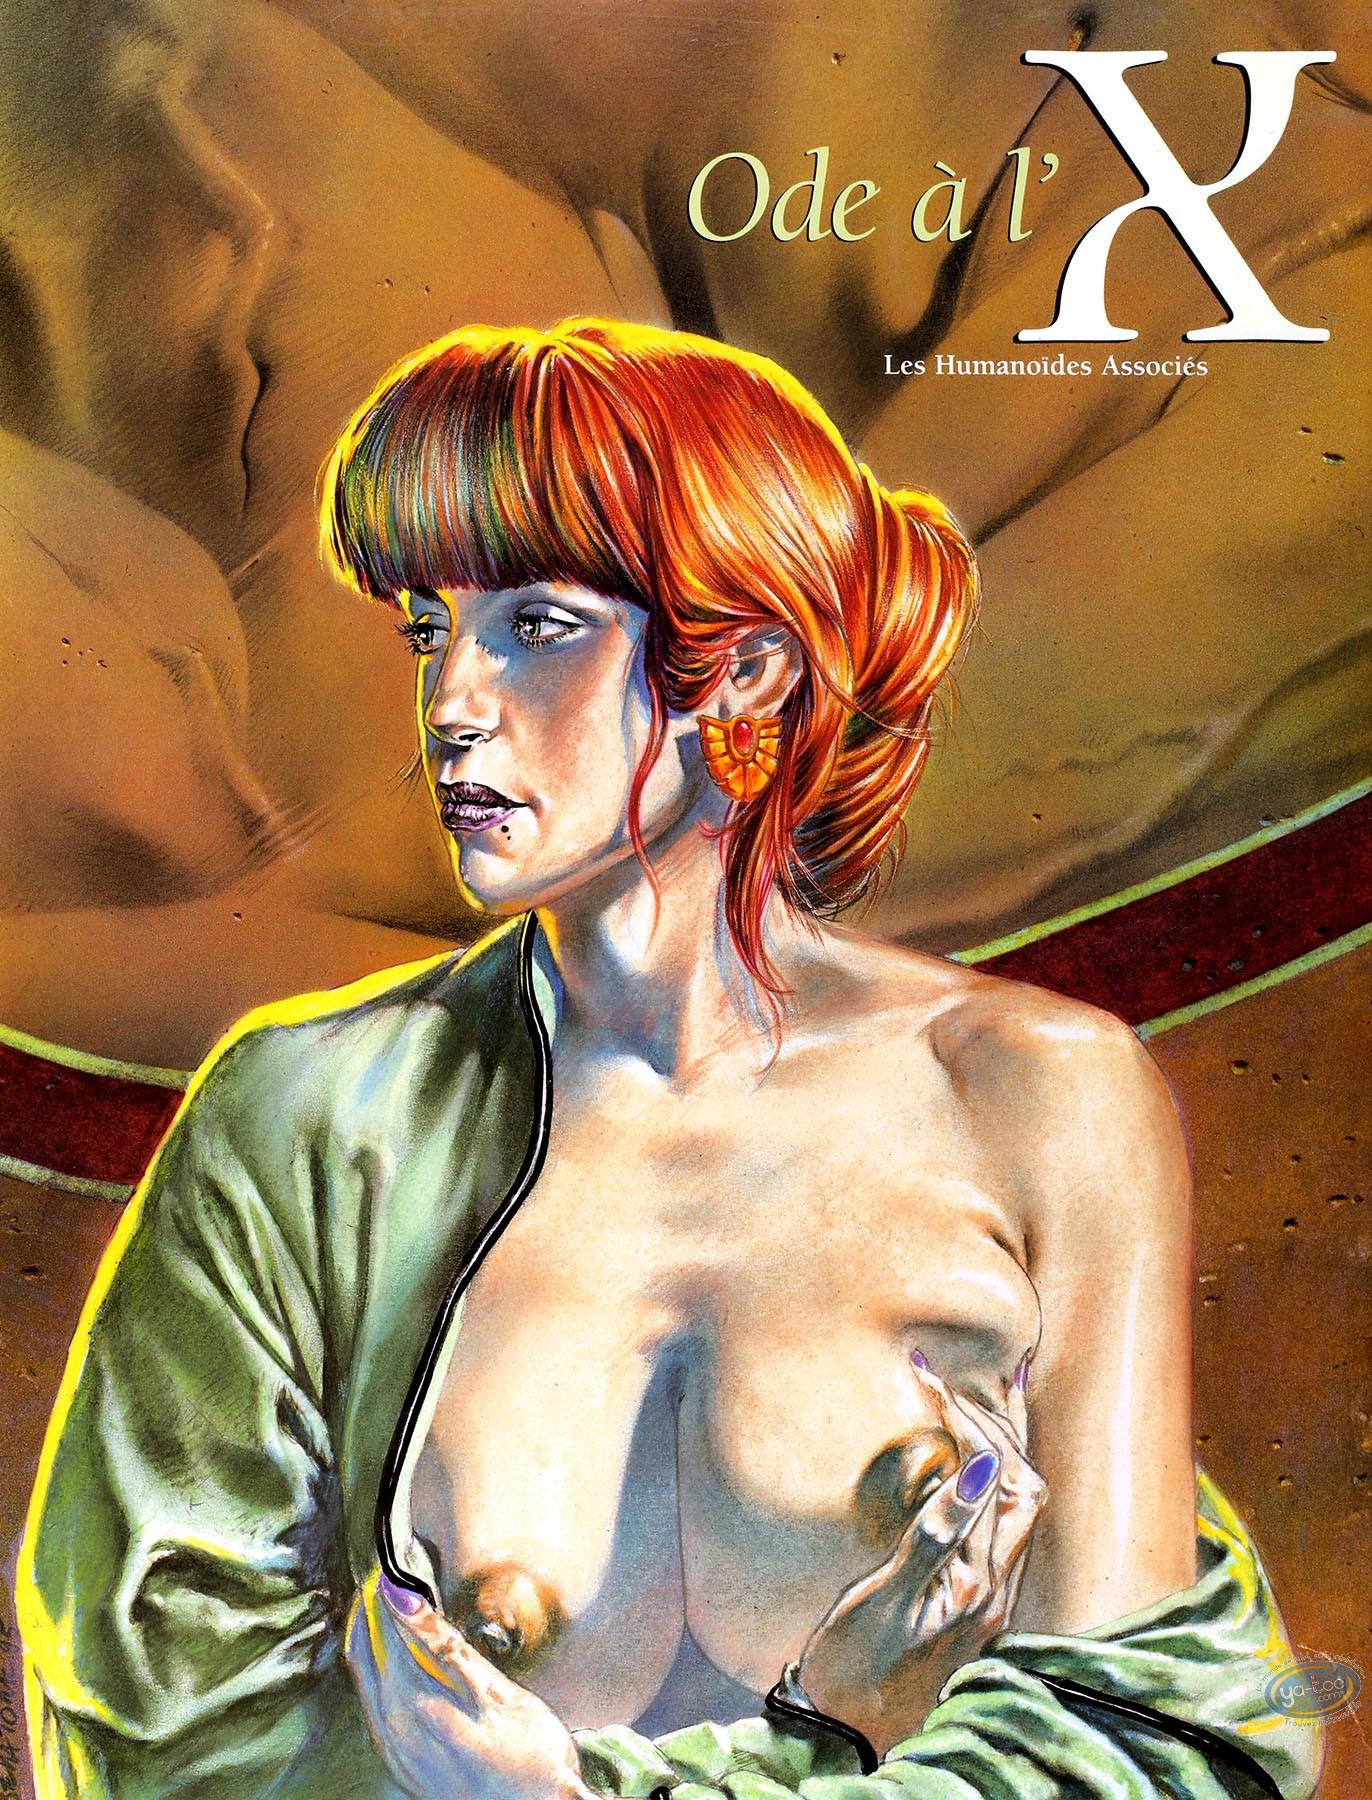 Adult European Comic Books, Ode à l'X : Ode à l'X